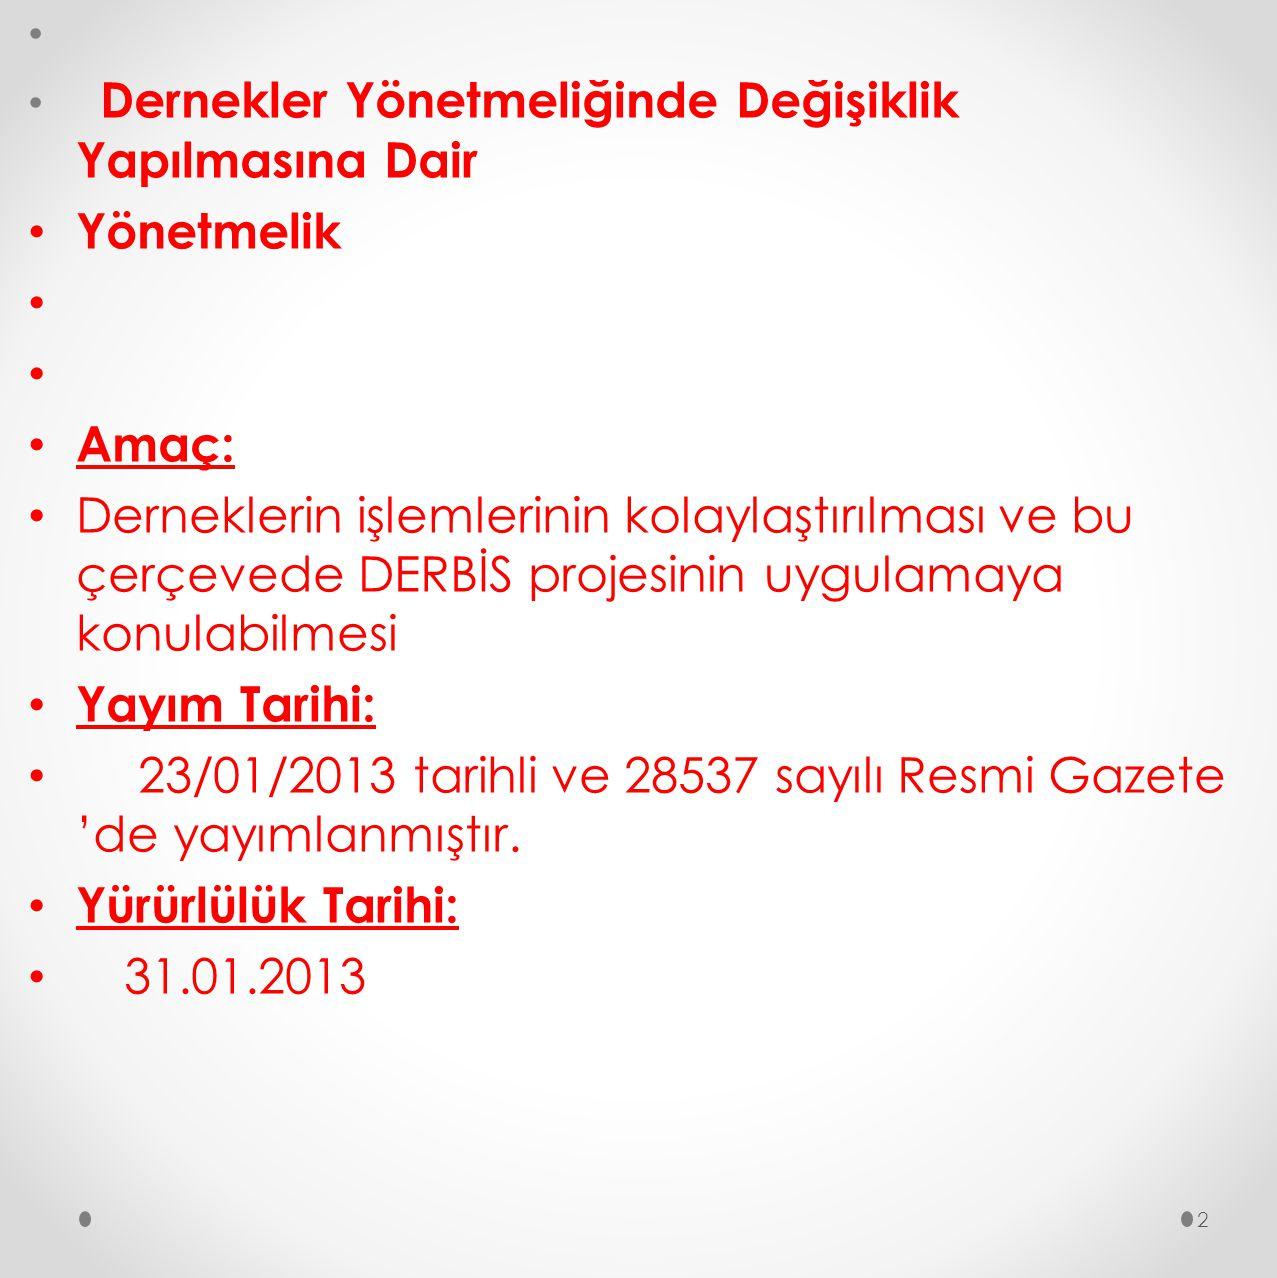 23/01/2013 tarihli ve 28537 sayılı Resmi Gazete 'de yayımlanmıştır.